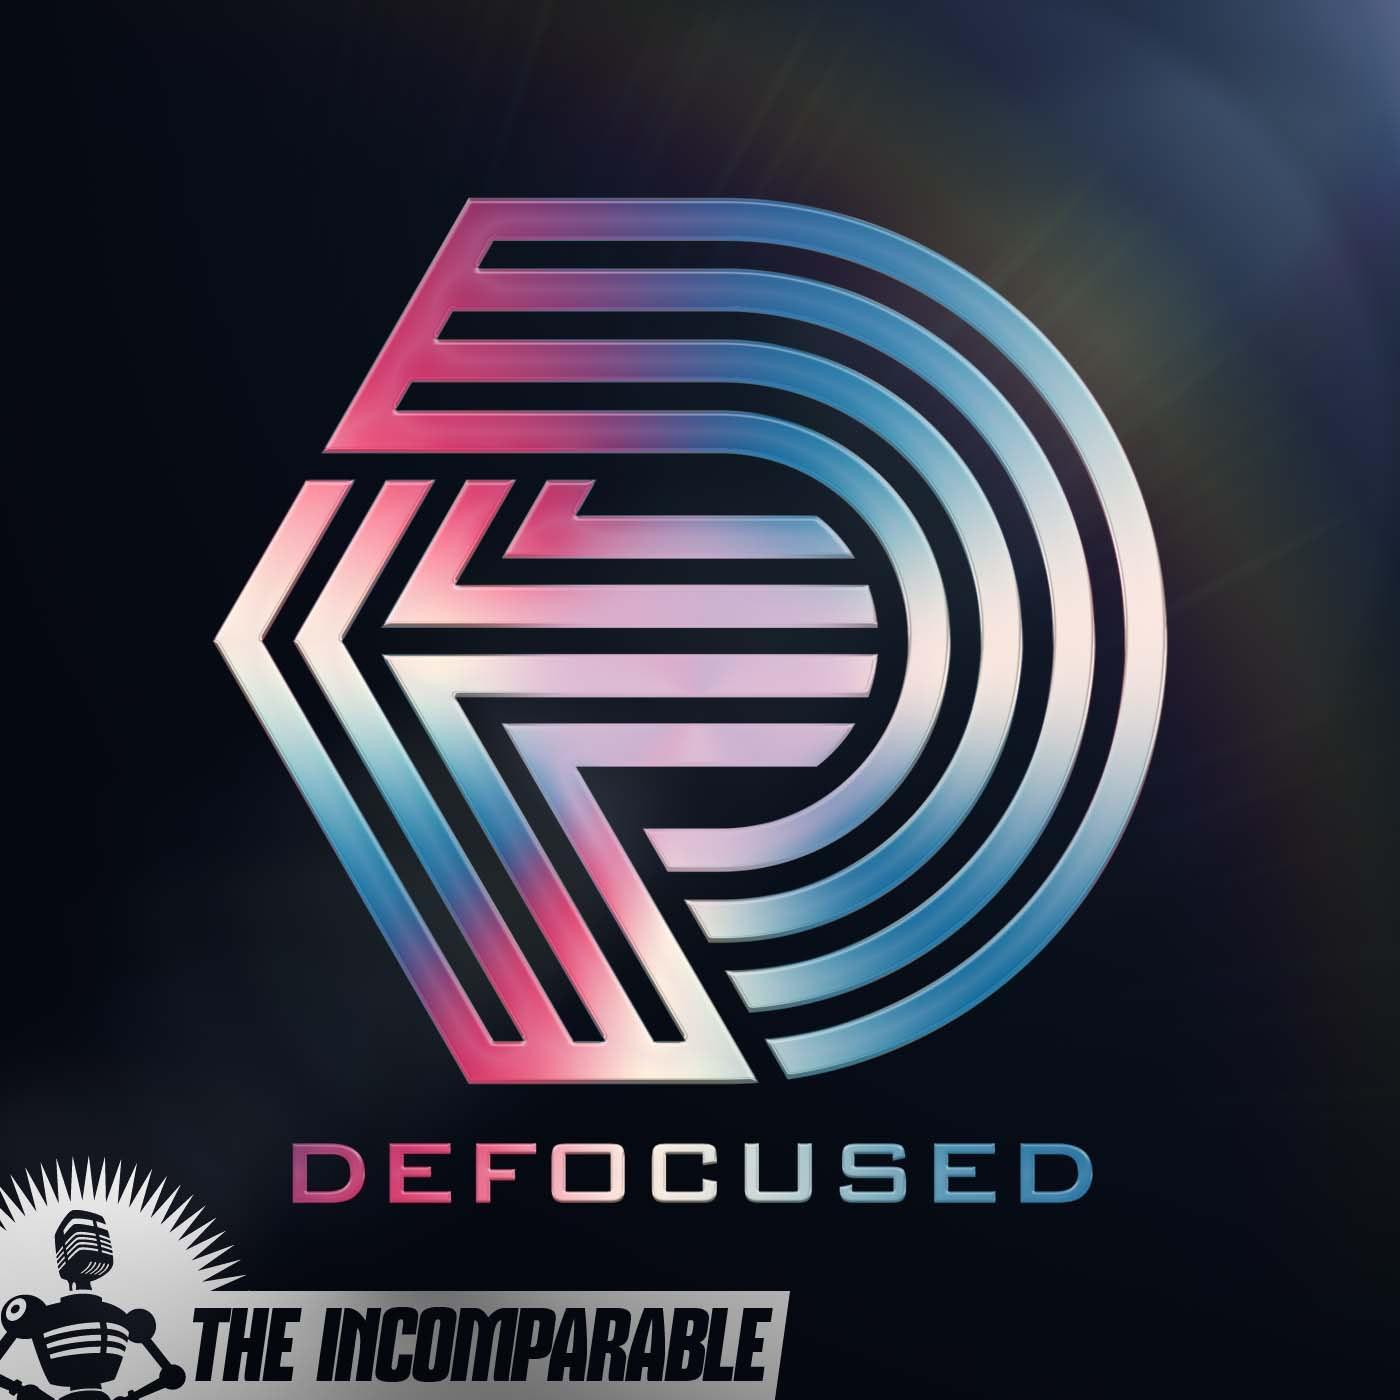 The Defocused Podcast